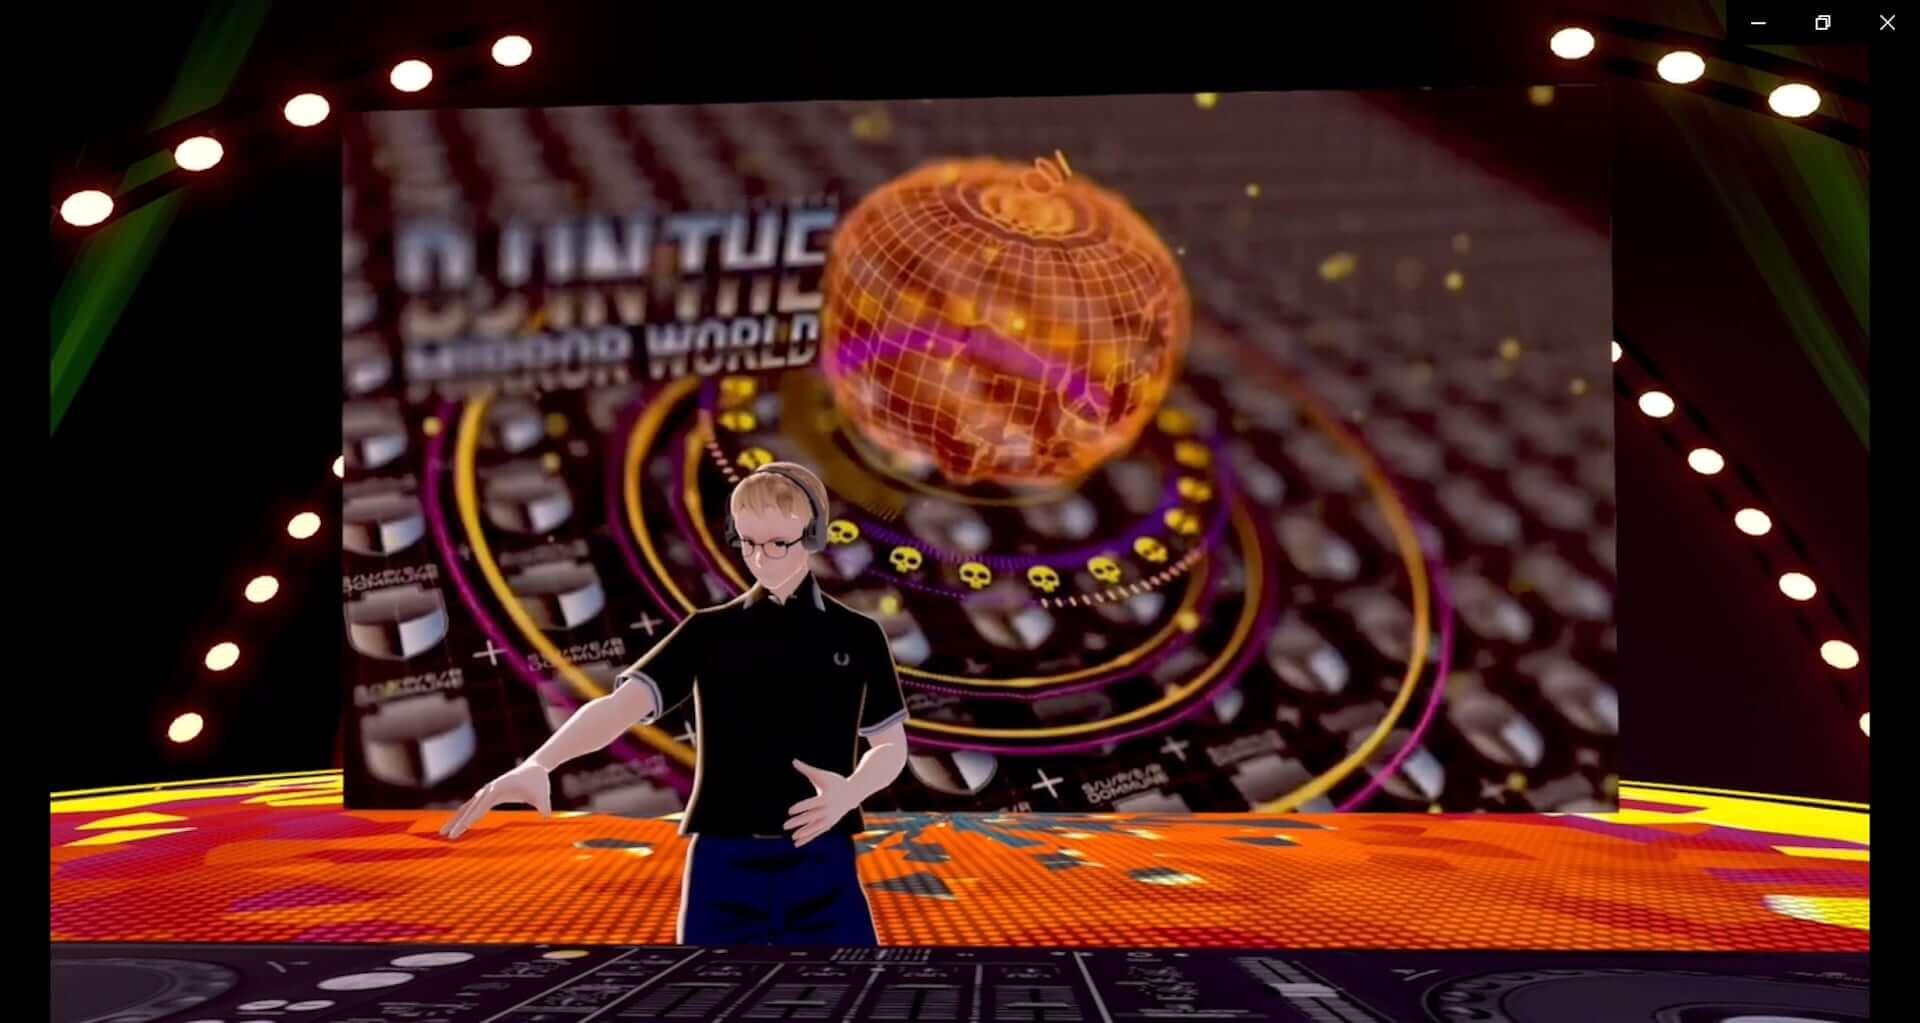 バーチャル渋谷にSUPER DOMMUNEが出現!Ellen Allien、KEN ISHIIらが出演した<DJ IN THE MIRROR WORLD>のレポートが到着 art201104_shibuya5g-halloweenfes_24-1920x1023